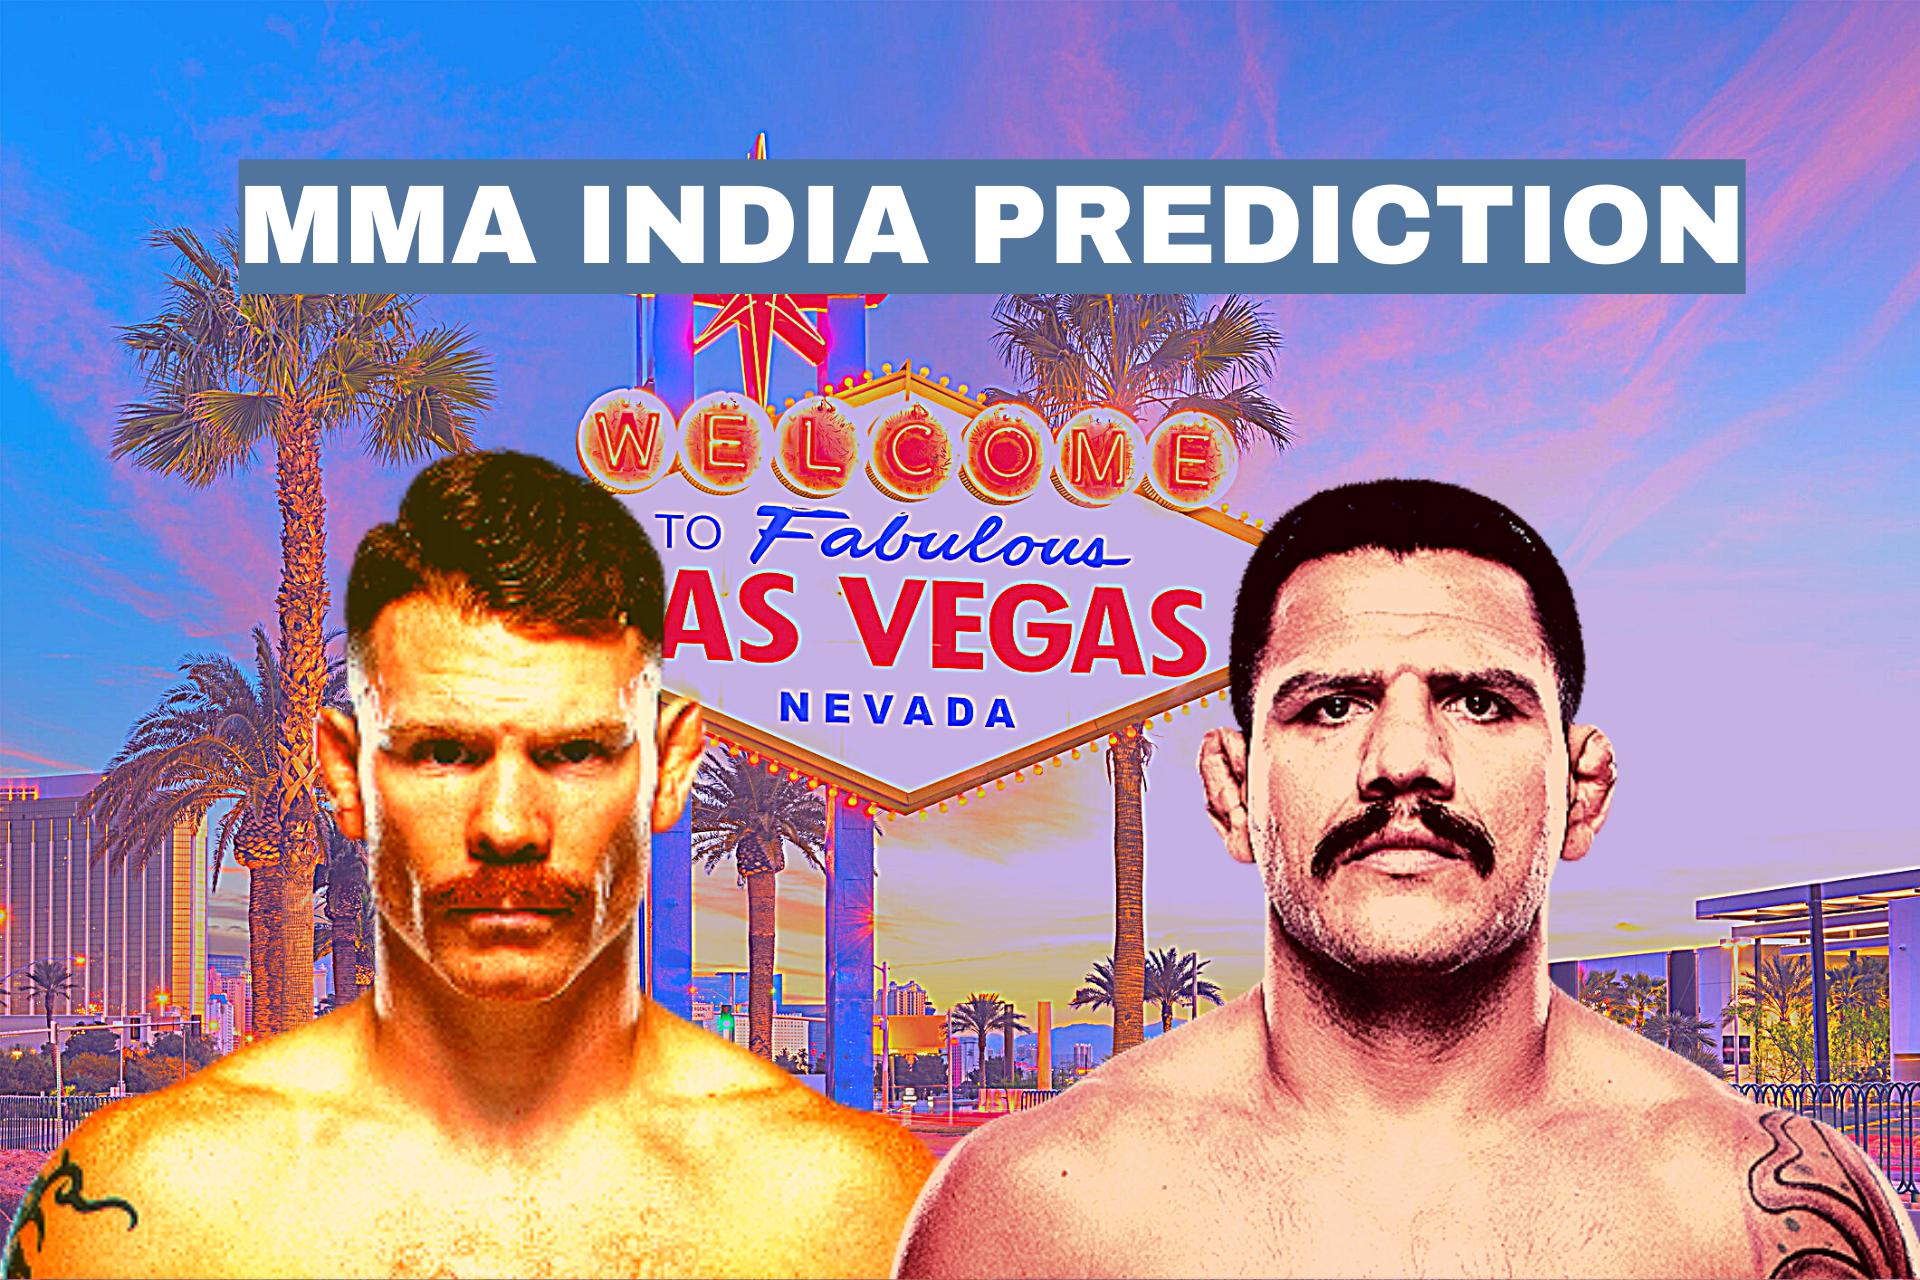 UFC Vegas 14: Dos Anjos vs Felder betting Odds, Prediction - Felder